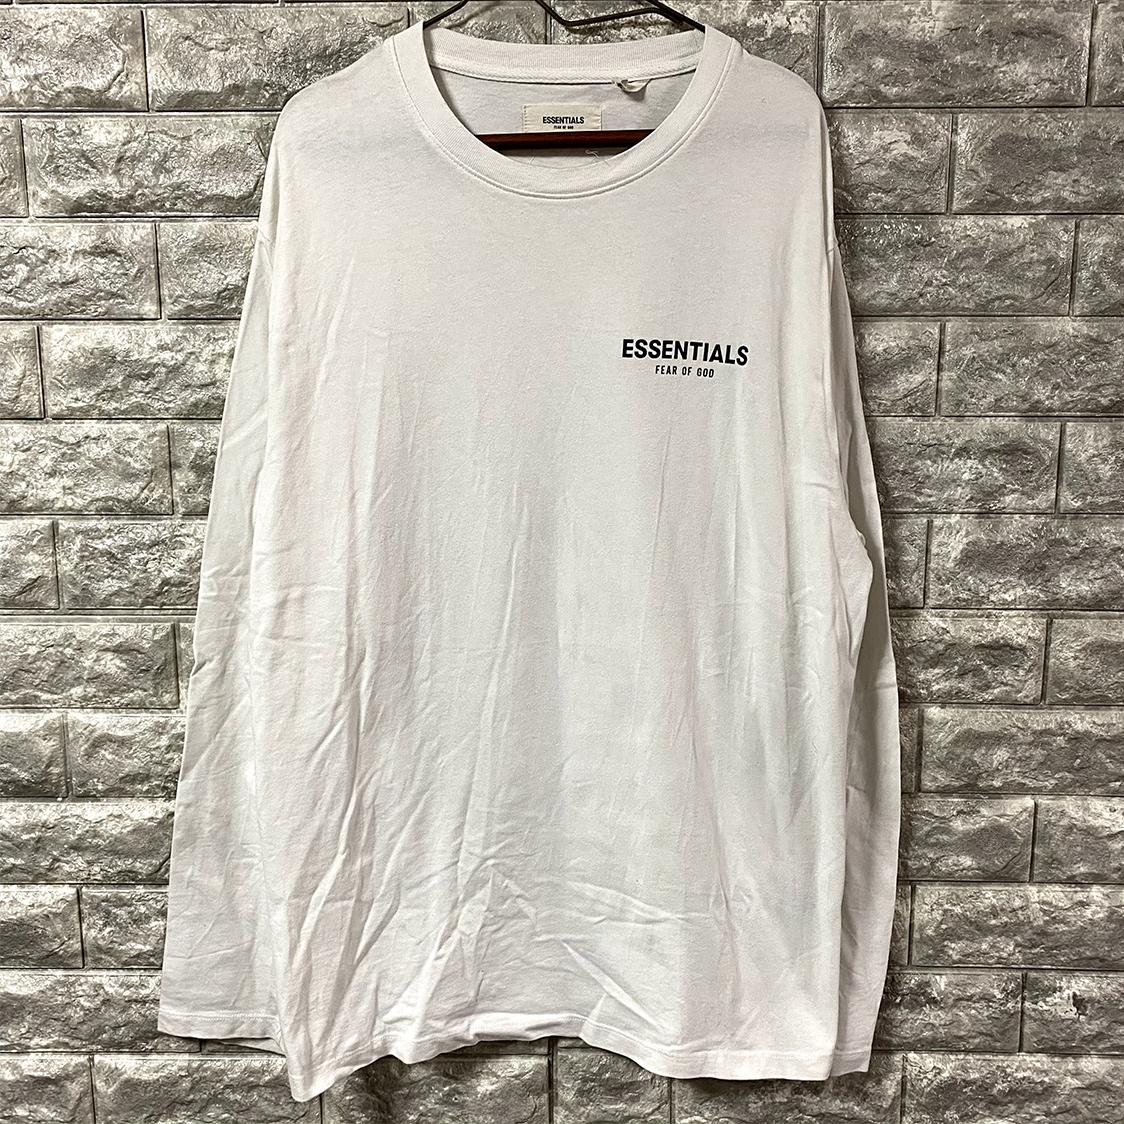 正規品 FOG ESSENTIALS フォグ エッセンシャルズ 【Sサイズ】 ロンT ロングTシャツ fear of god PACSUN ホワイト